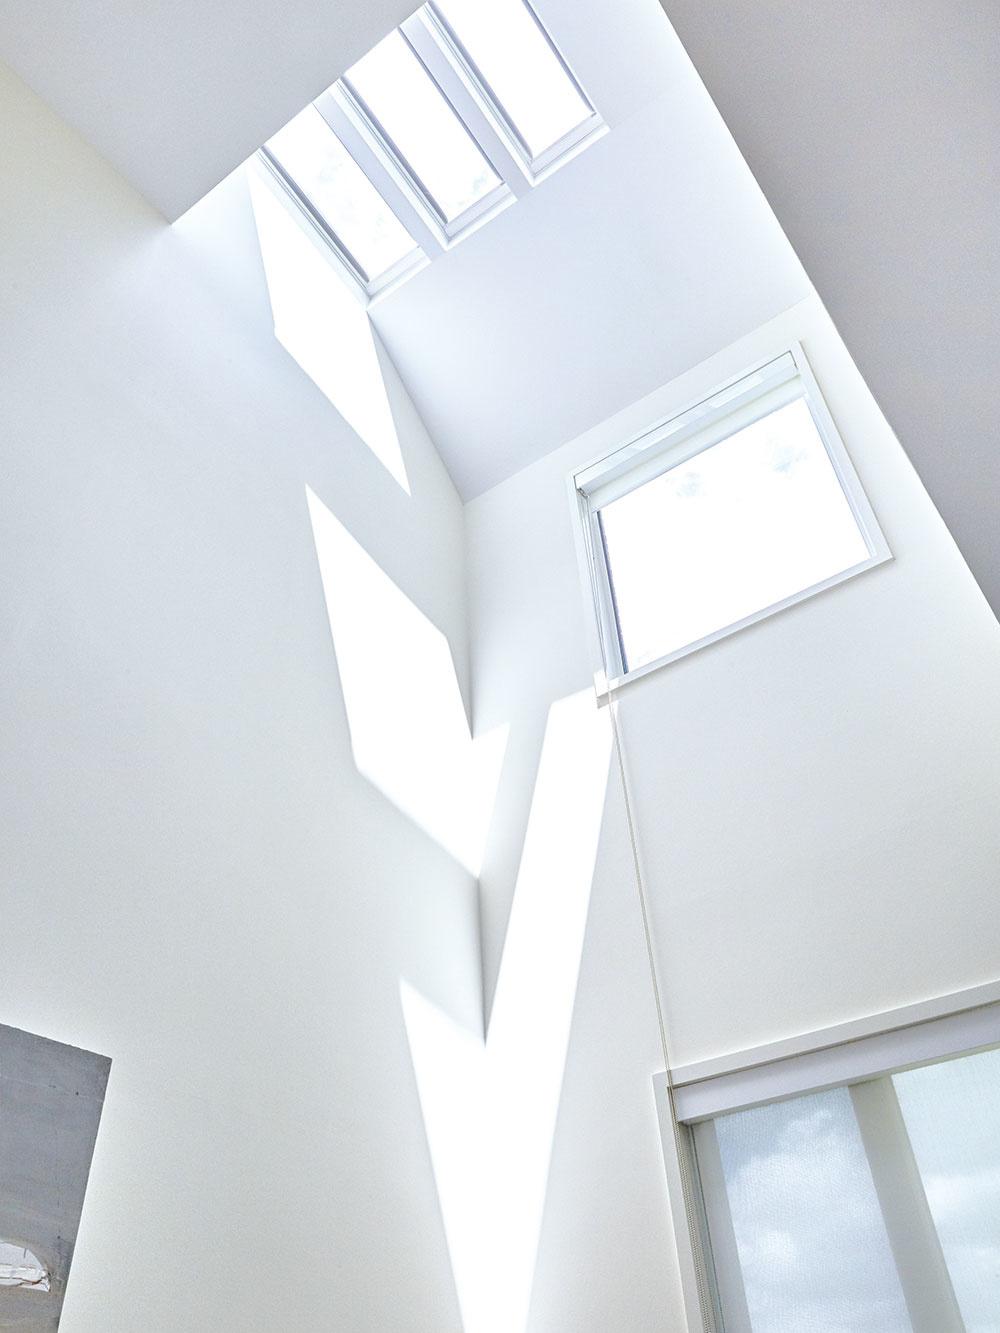 OKNÁ majú trojsklá azabezpečujú tak domu výborný tepelný komfort. Umiestnenie okien maximalizuje nielen efekt pri krížovom vetraní, ale aj komínový efekt.